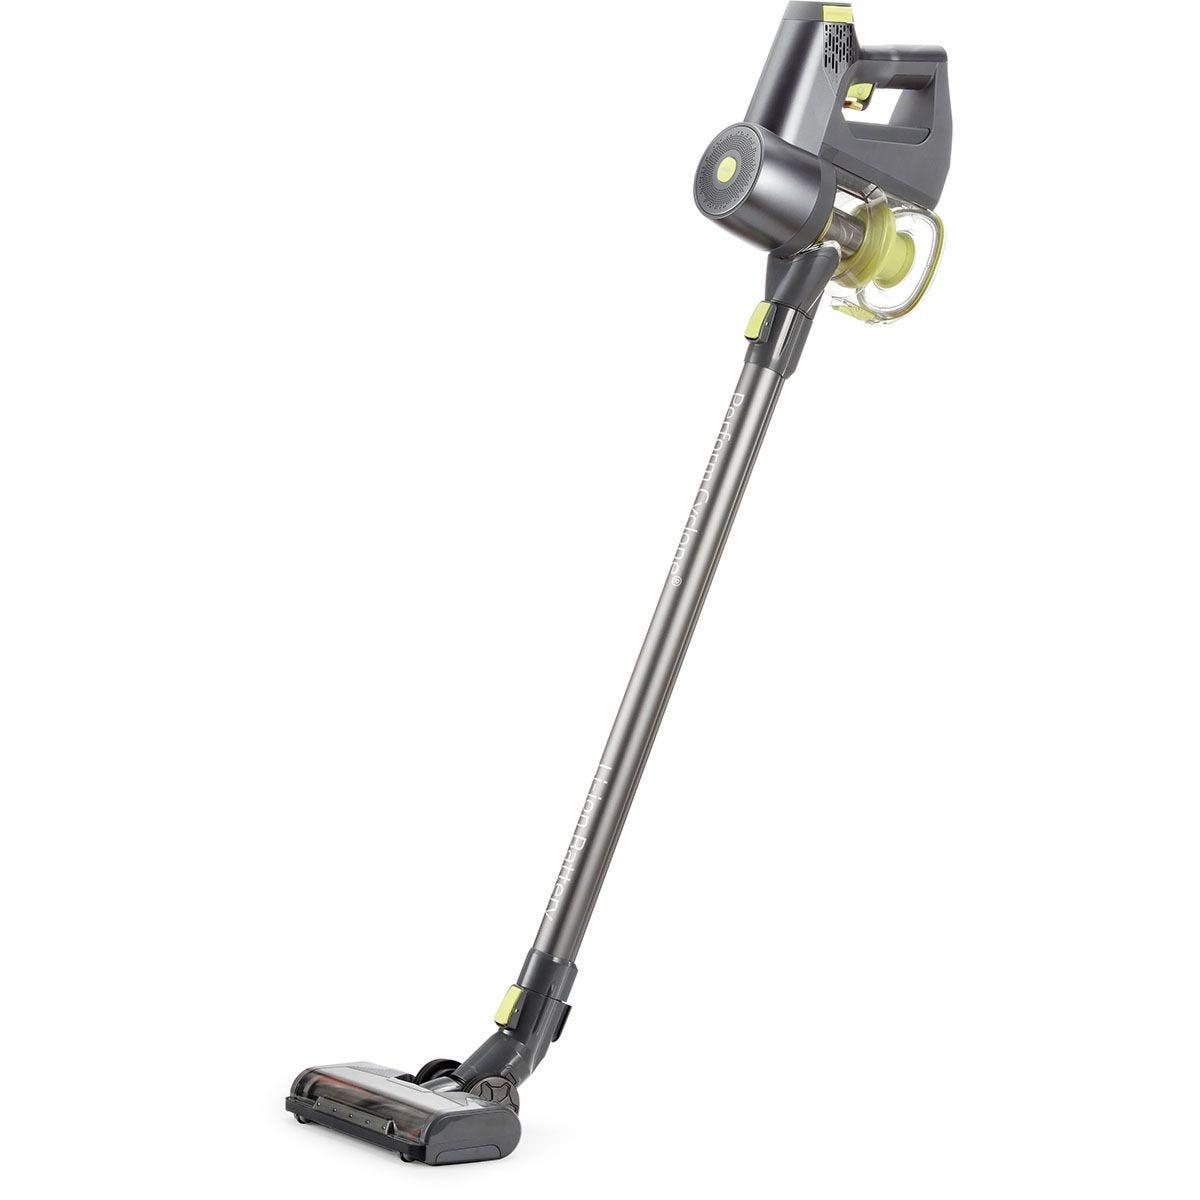 Beko VRT82821BV 2-in-1 Power Stick Vacuum with Digital Motor - Grey